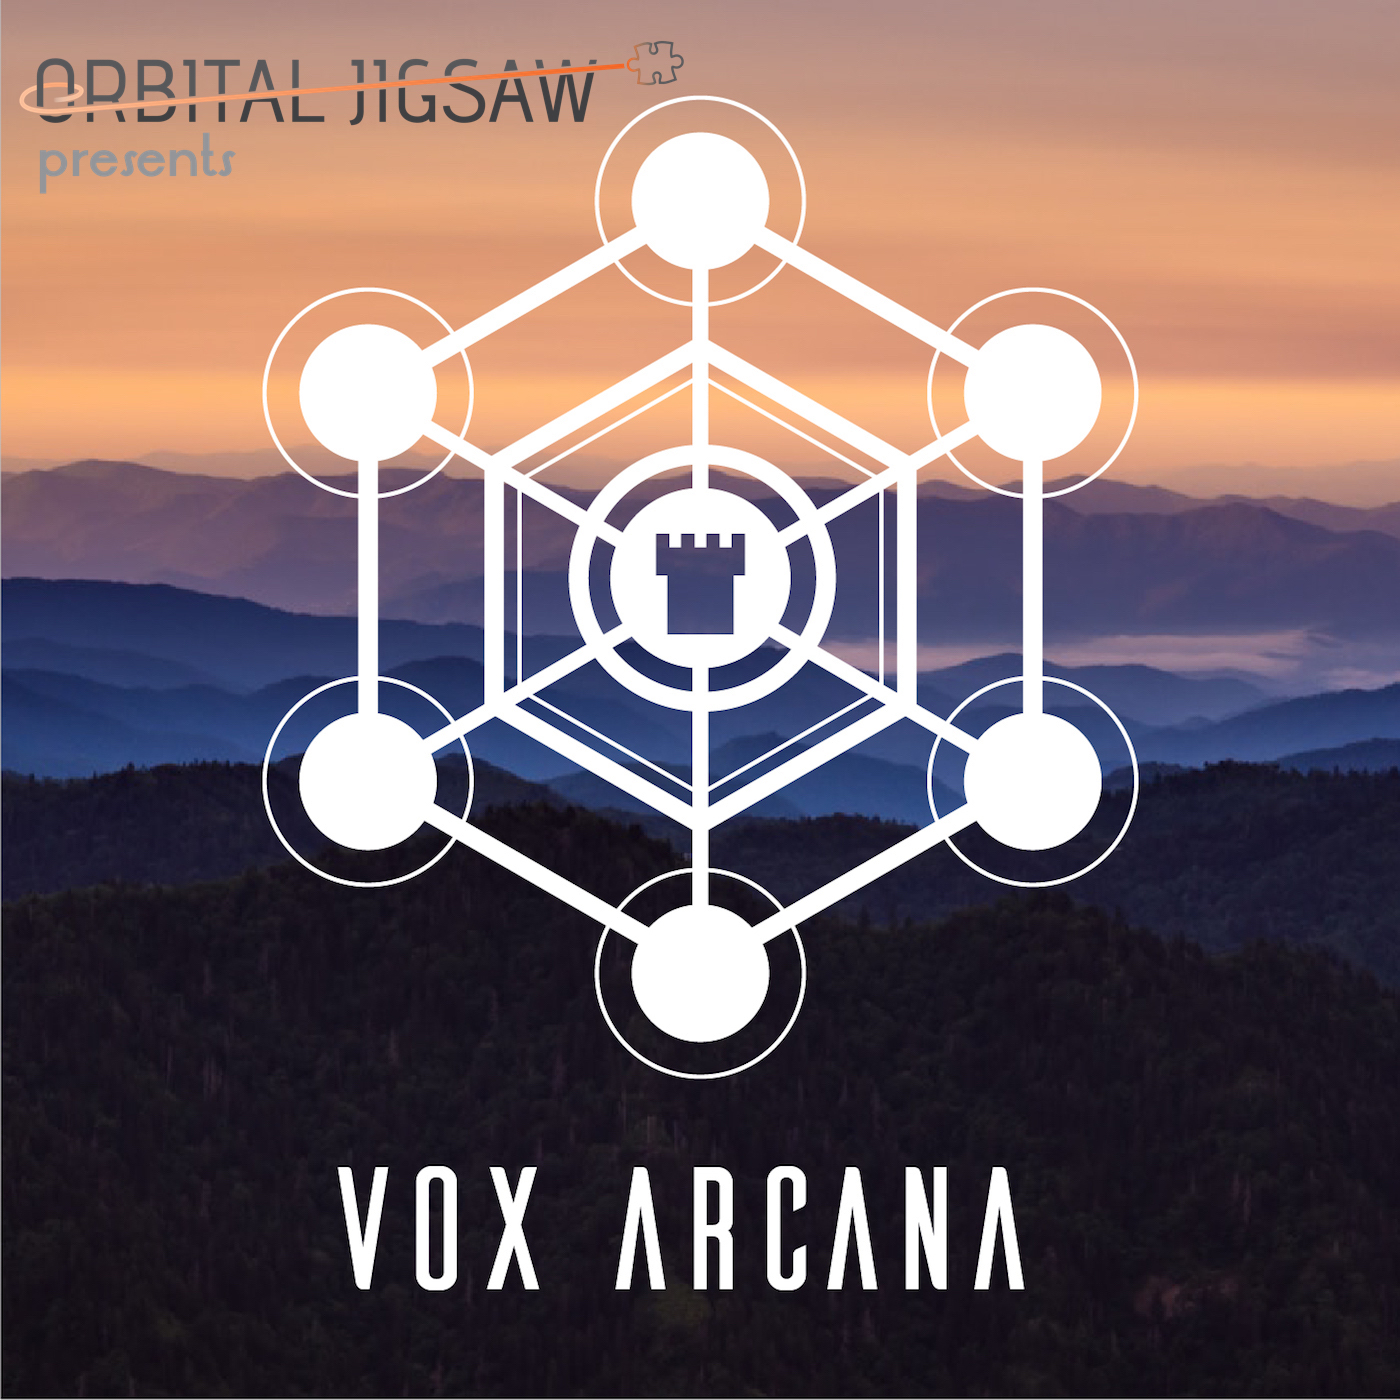 Vox Arcana